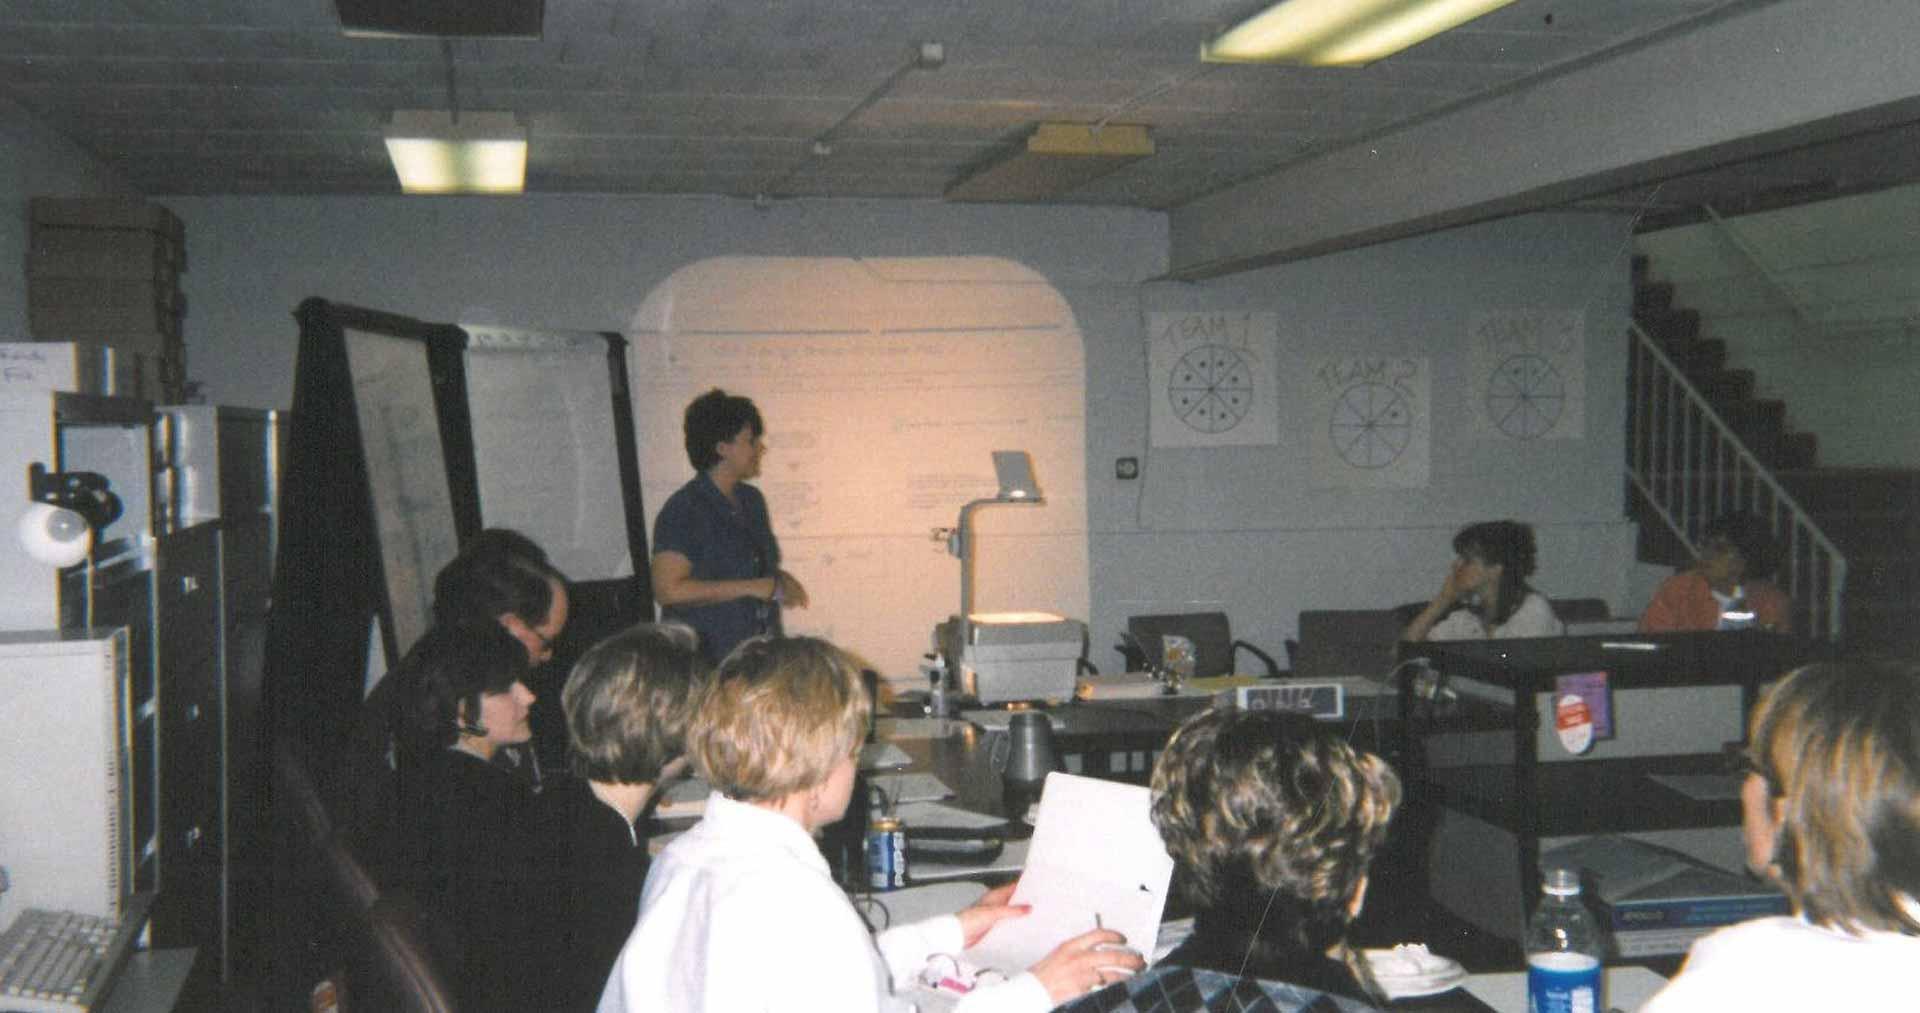 company-basement-meeting-2-1617x1013-dl16